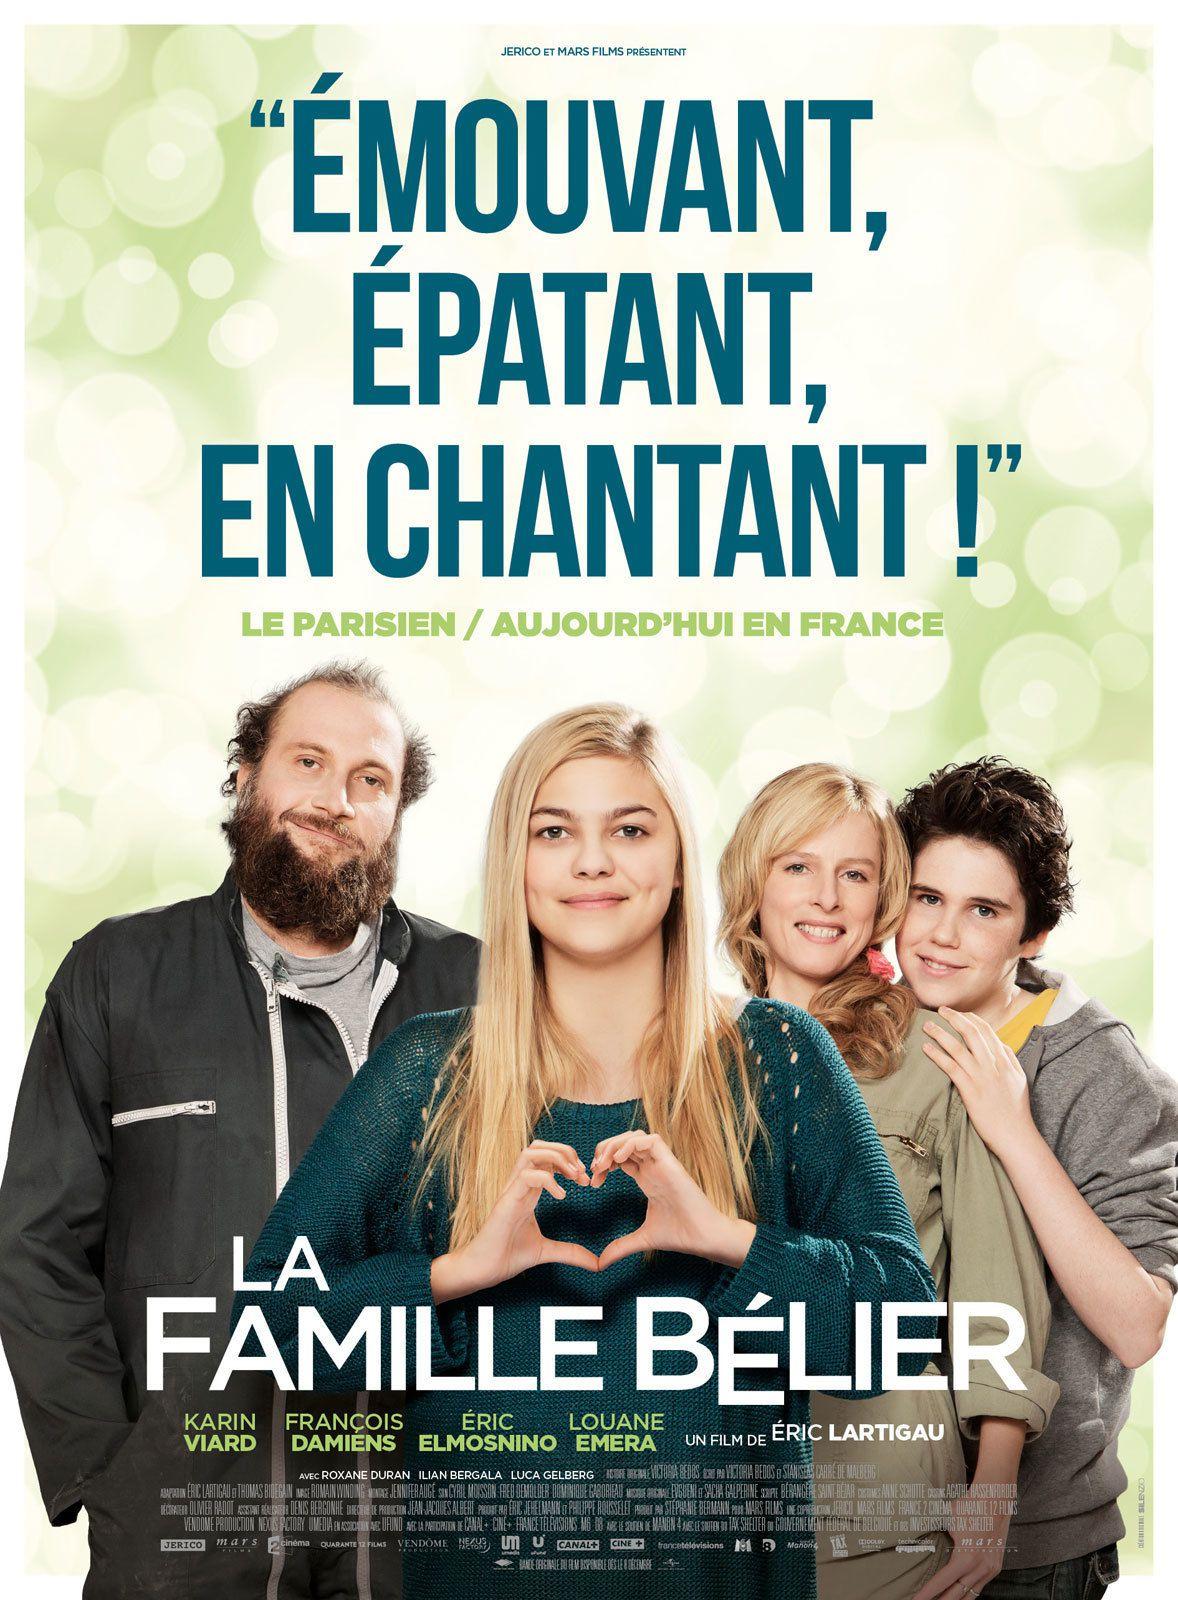 La Famille Bélier - Film (2014)